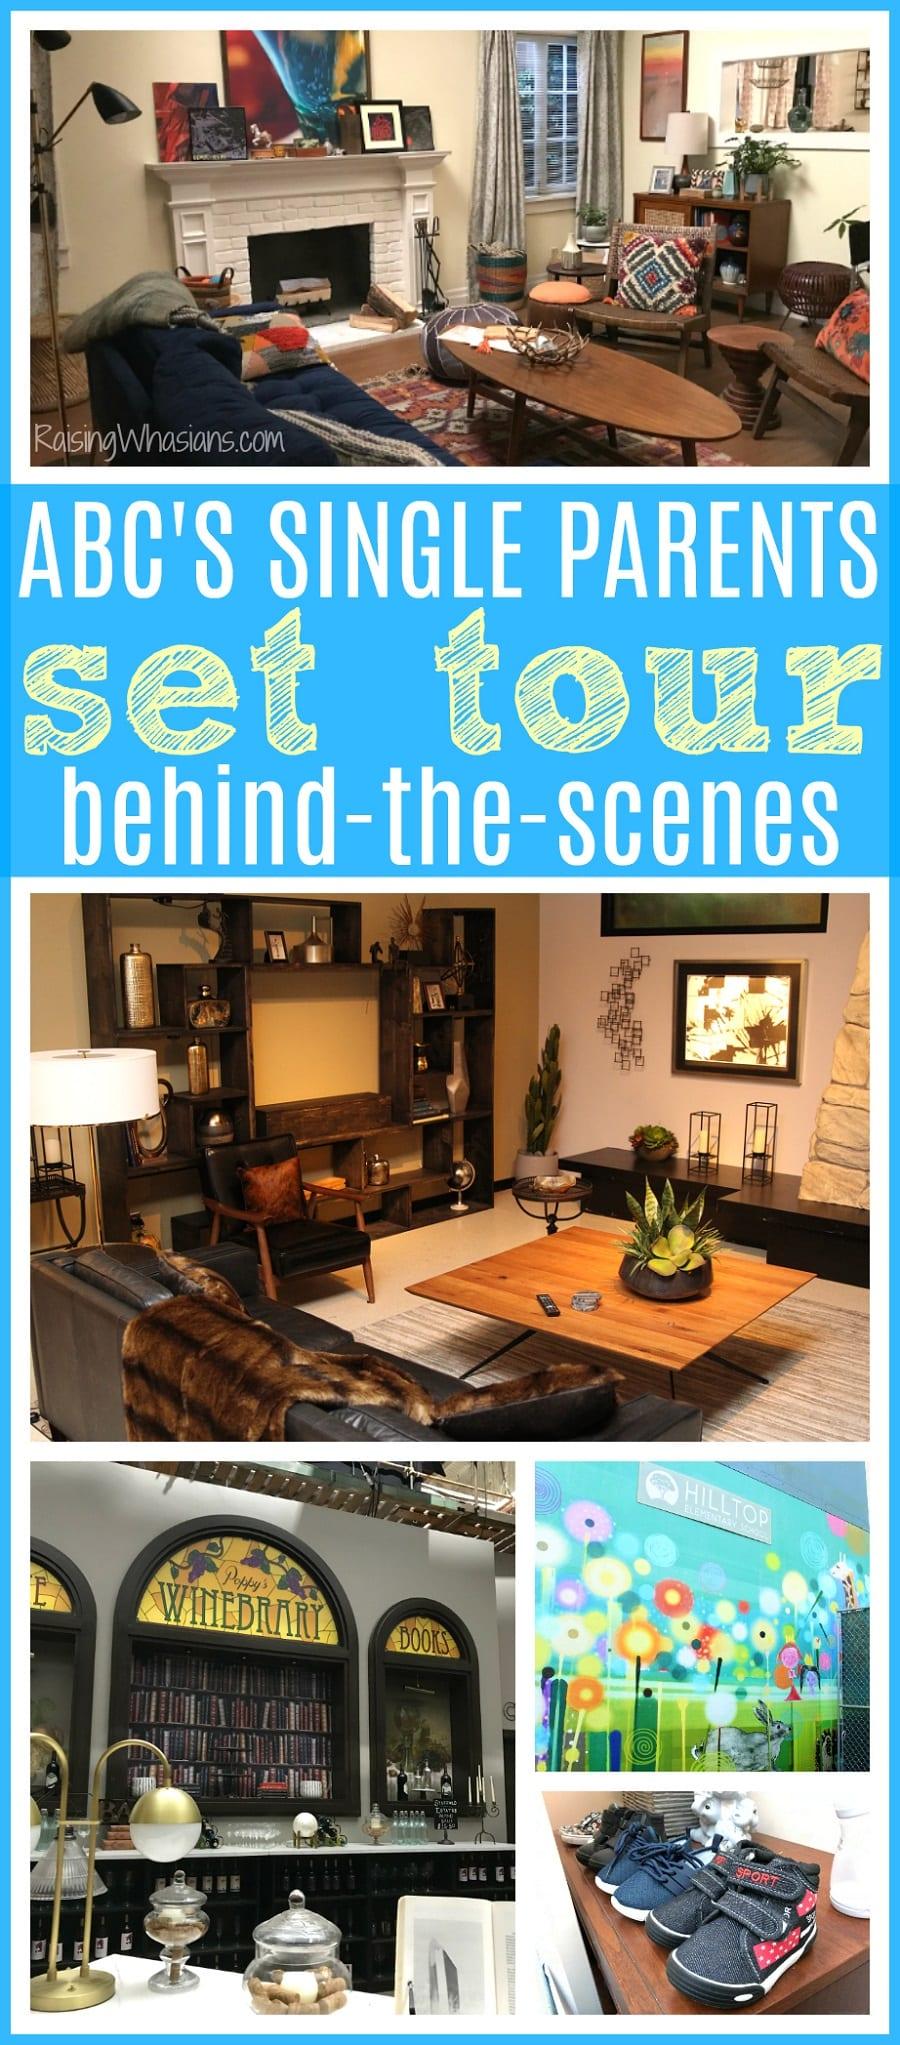 ABC's single parents set tour